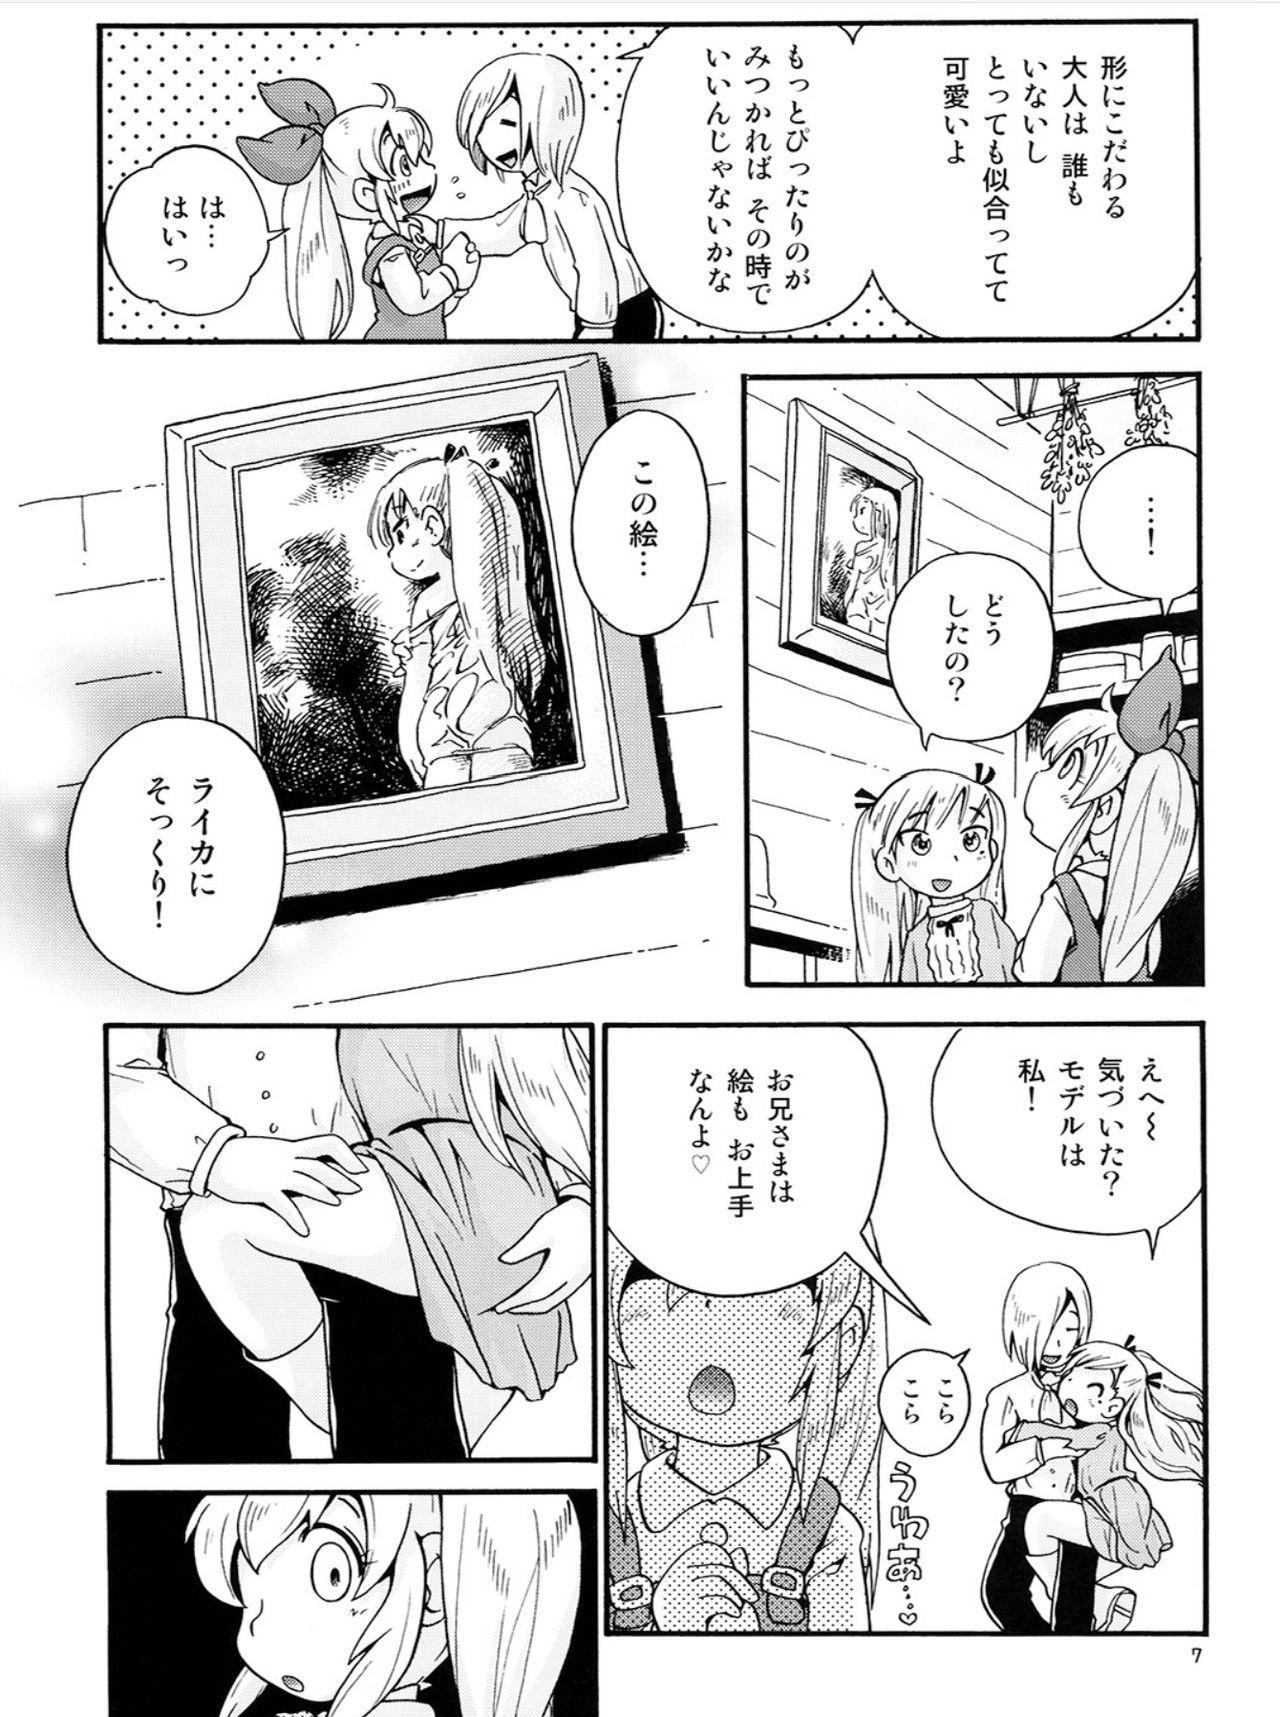 (C93) [Puchi-ya (Hoshino Fuuta)] Bokujou no Shoujo Remy ~Fuyu no Sansou Hen~ 1 5